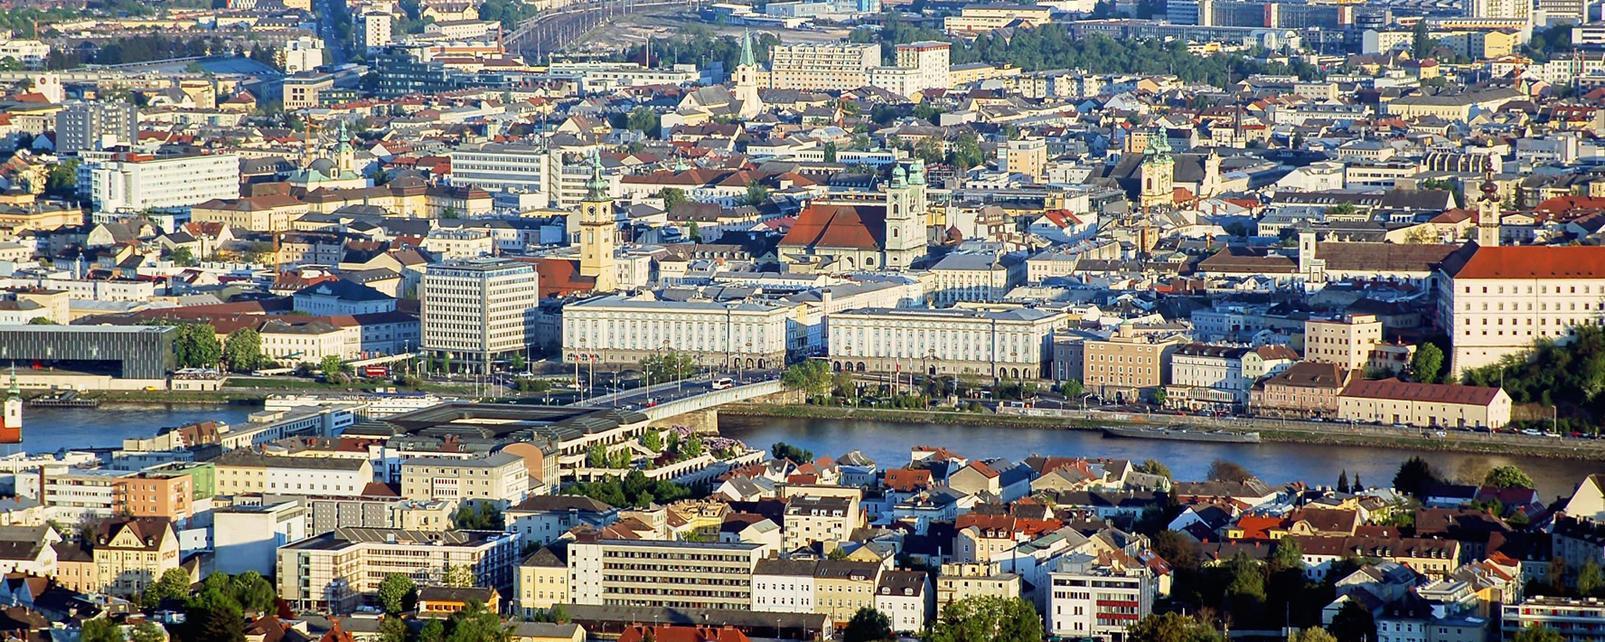 Wien Mit Flug Und Hotel